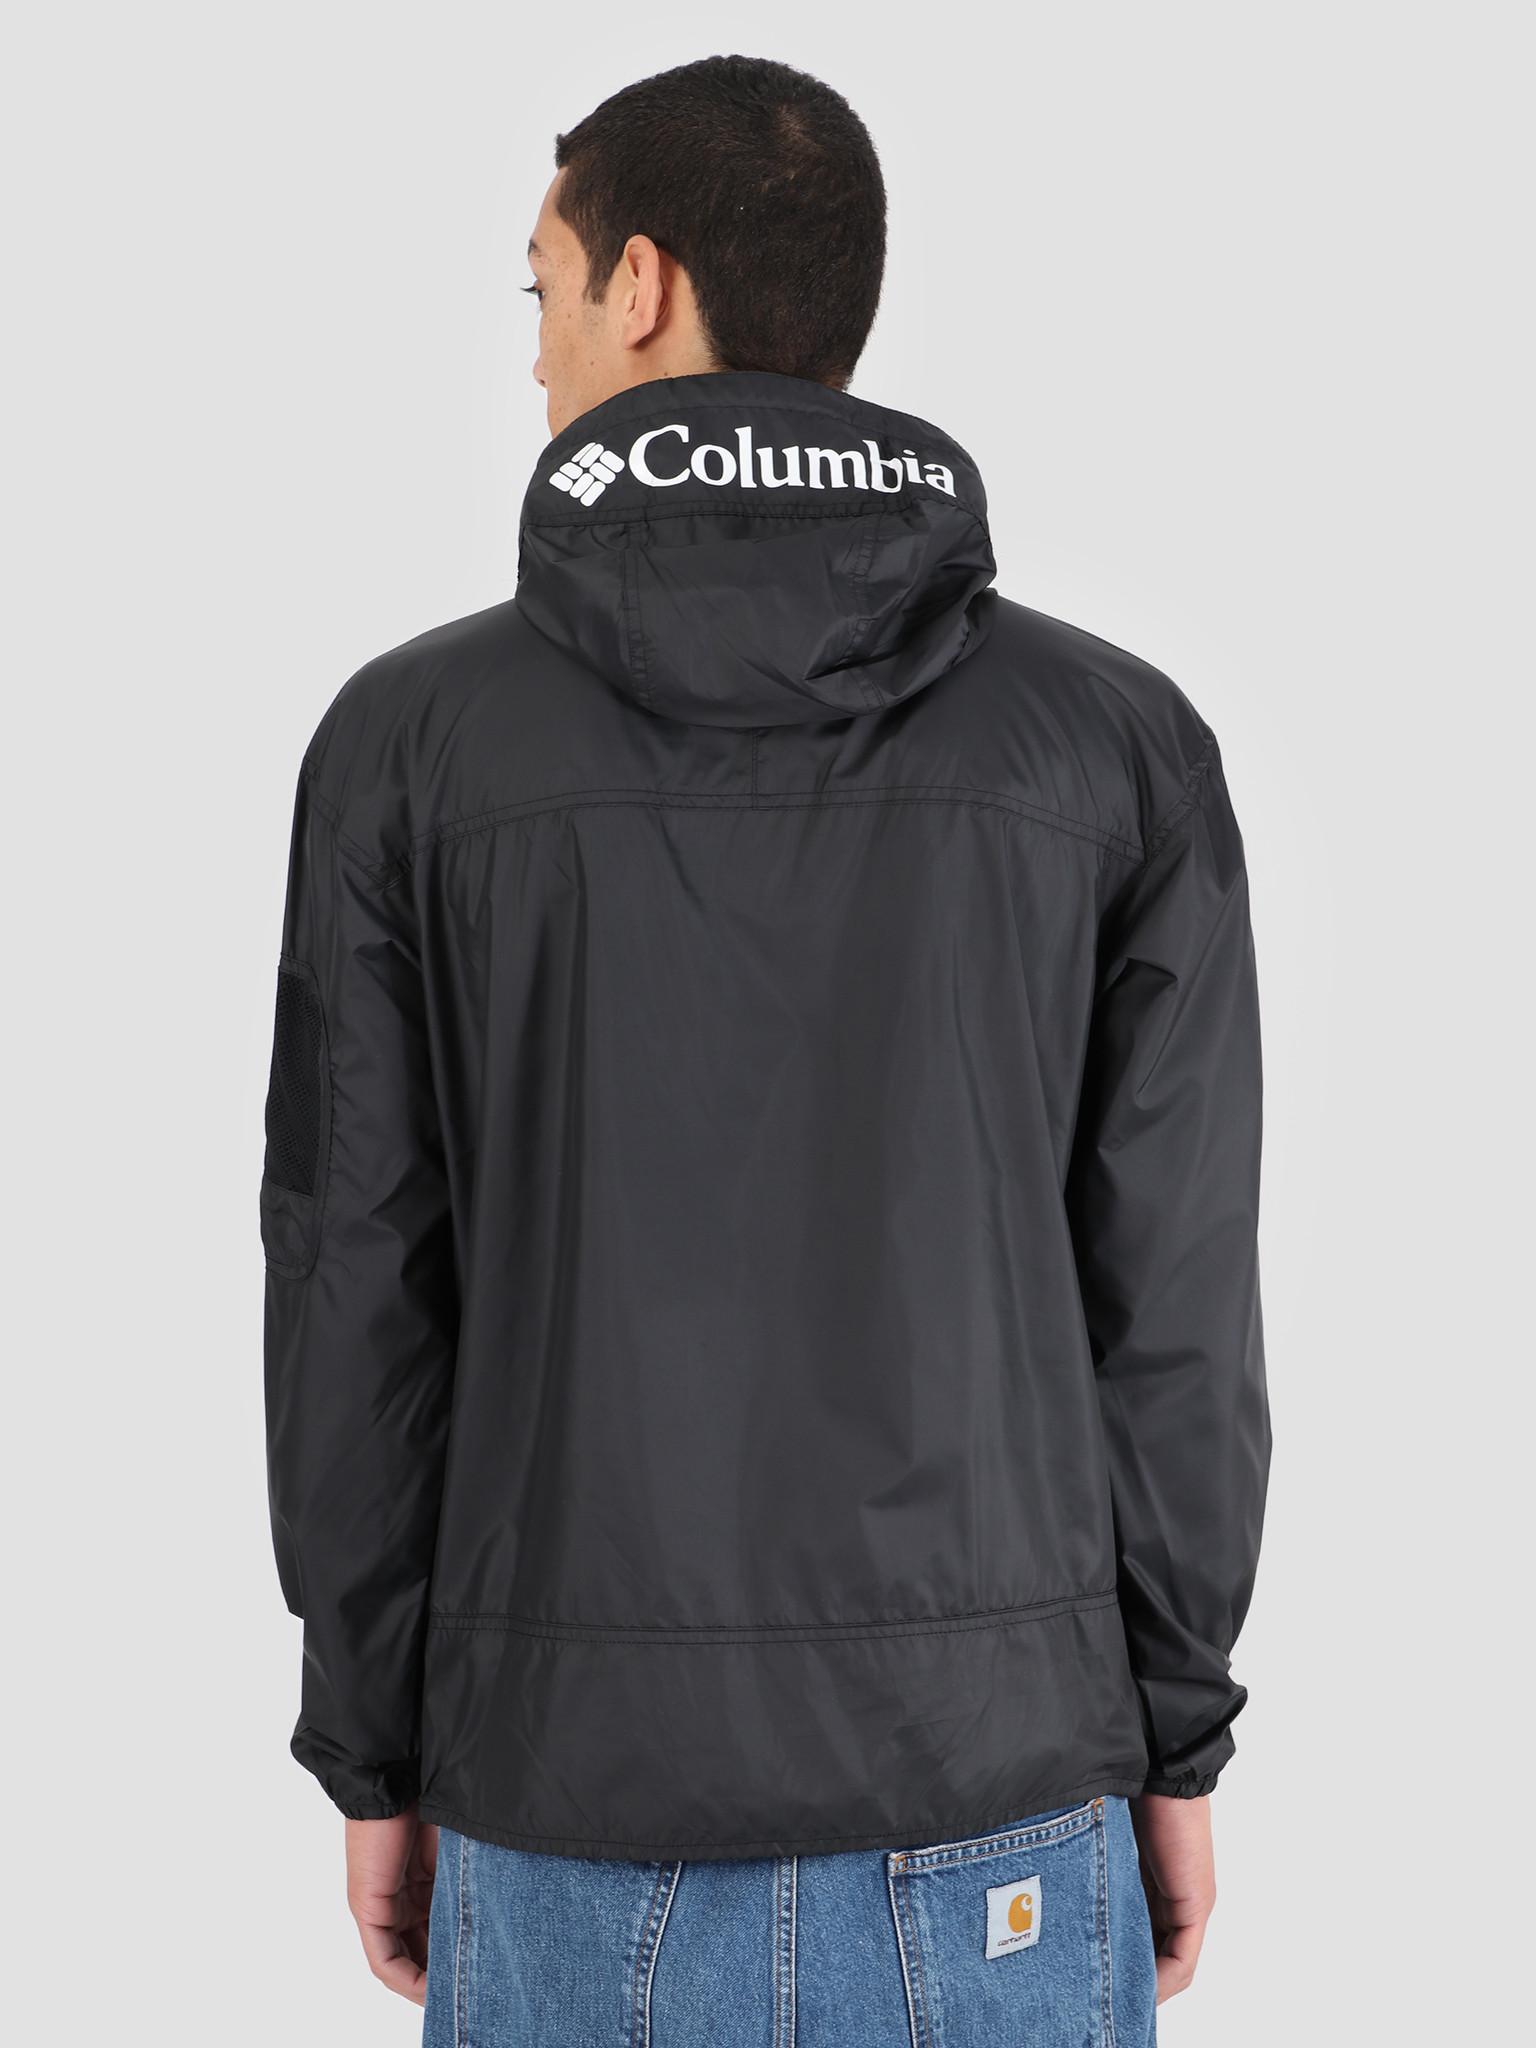 Columbia Columbia Challenger Windbreaker Black 1714291010